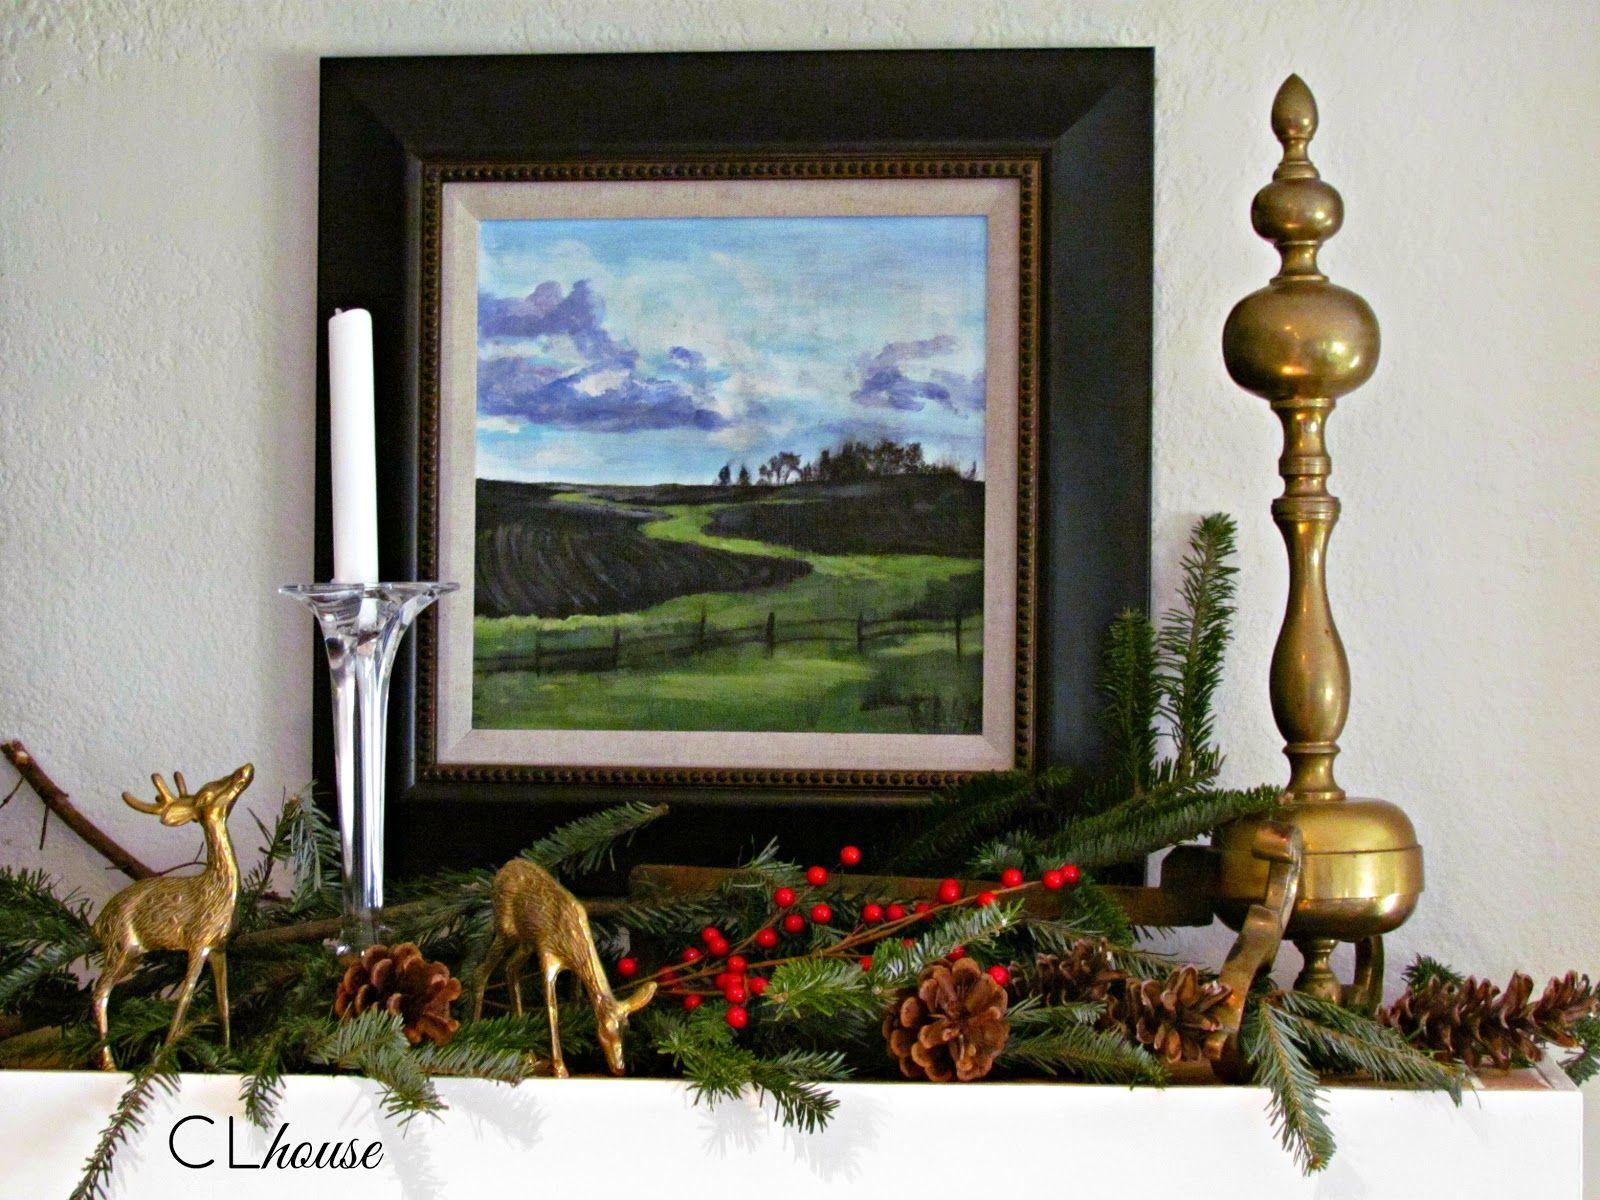 Creative Little House: Christmas Decor